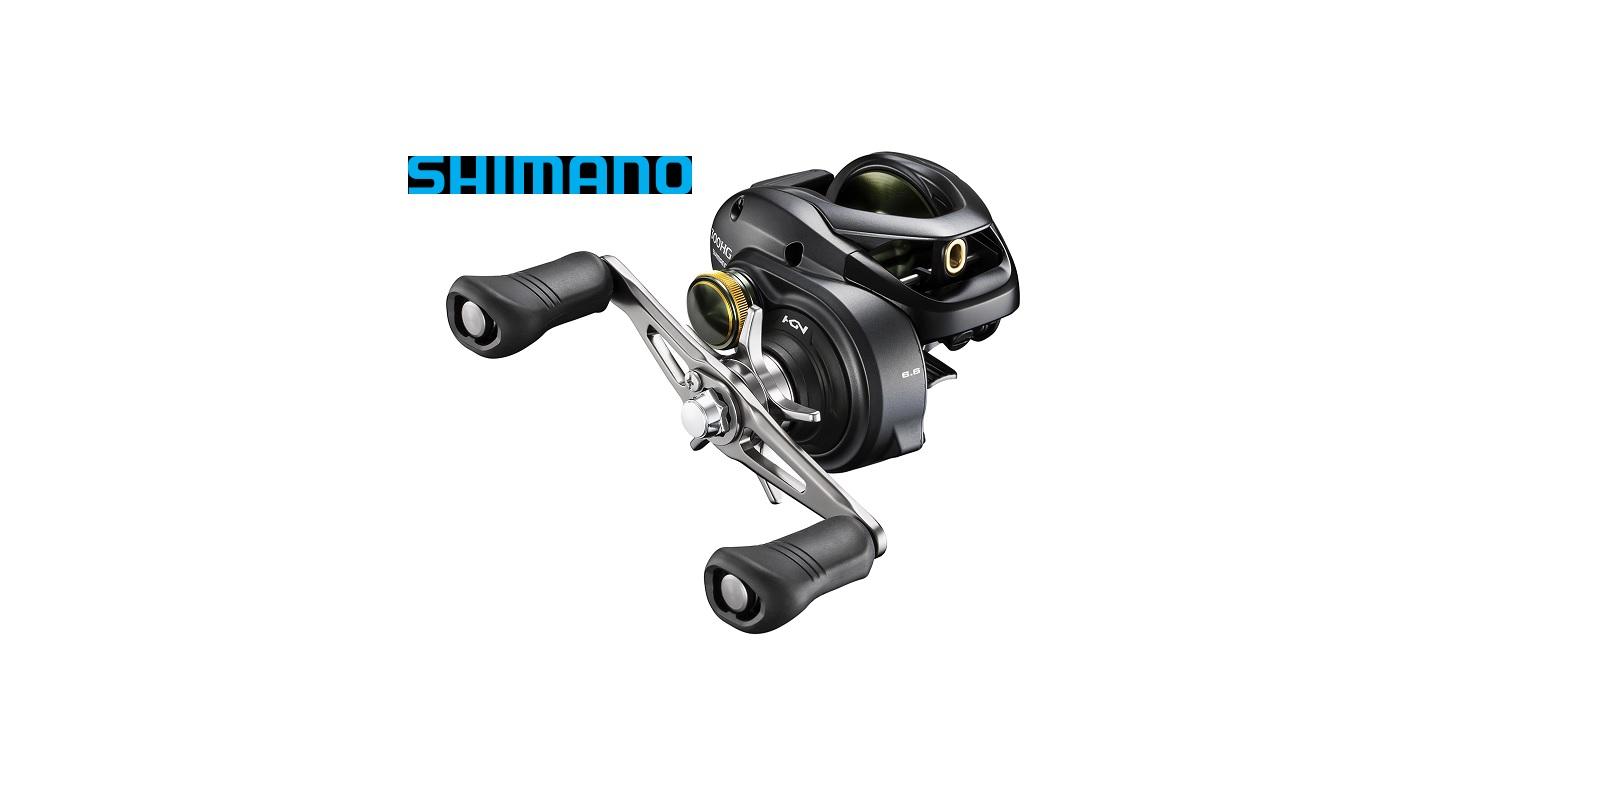 Mulinello Casting Shimano Curado K 301 Left Hand  cod CU301K